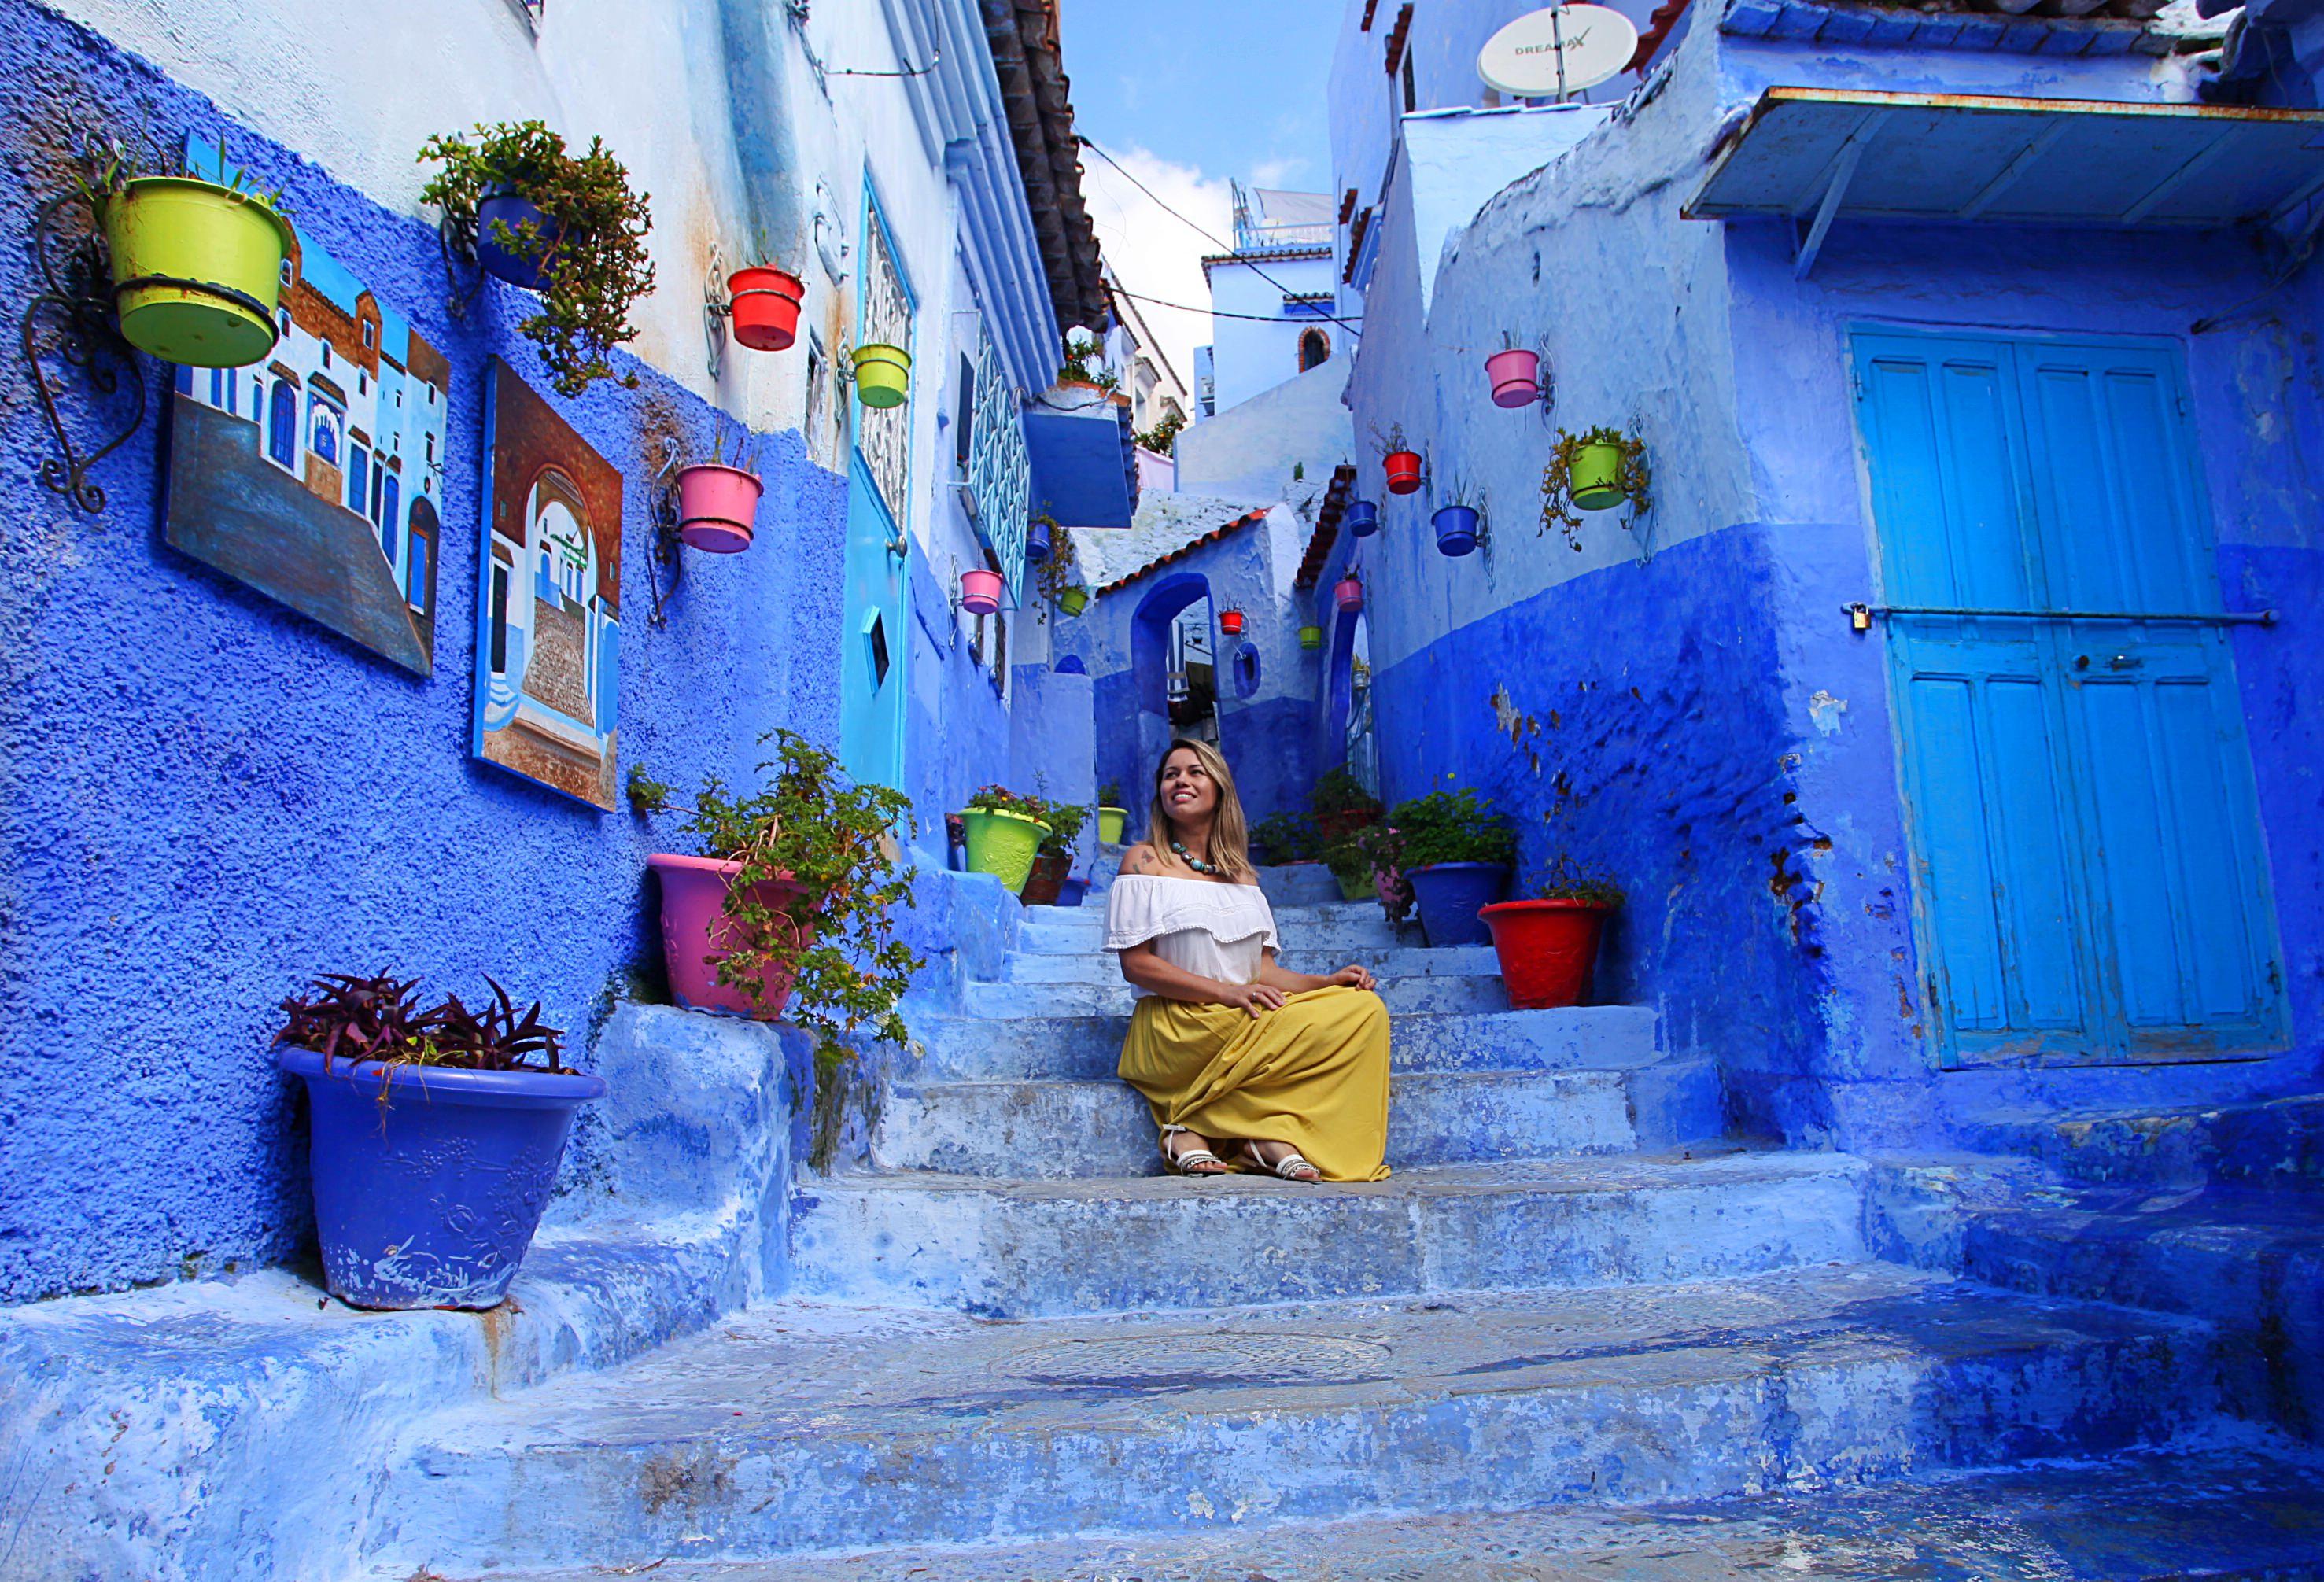 Chefchaouen – O que ver na linda cidade azul do Marrocos